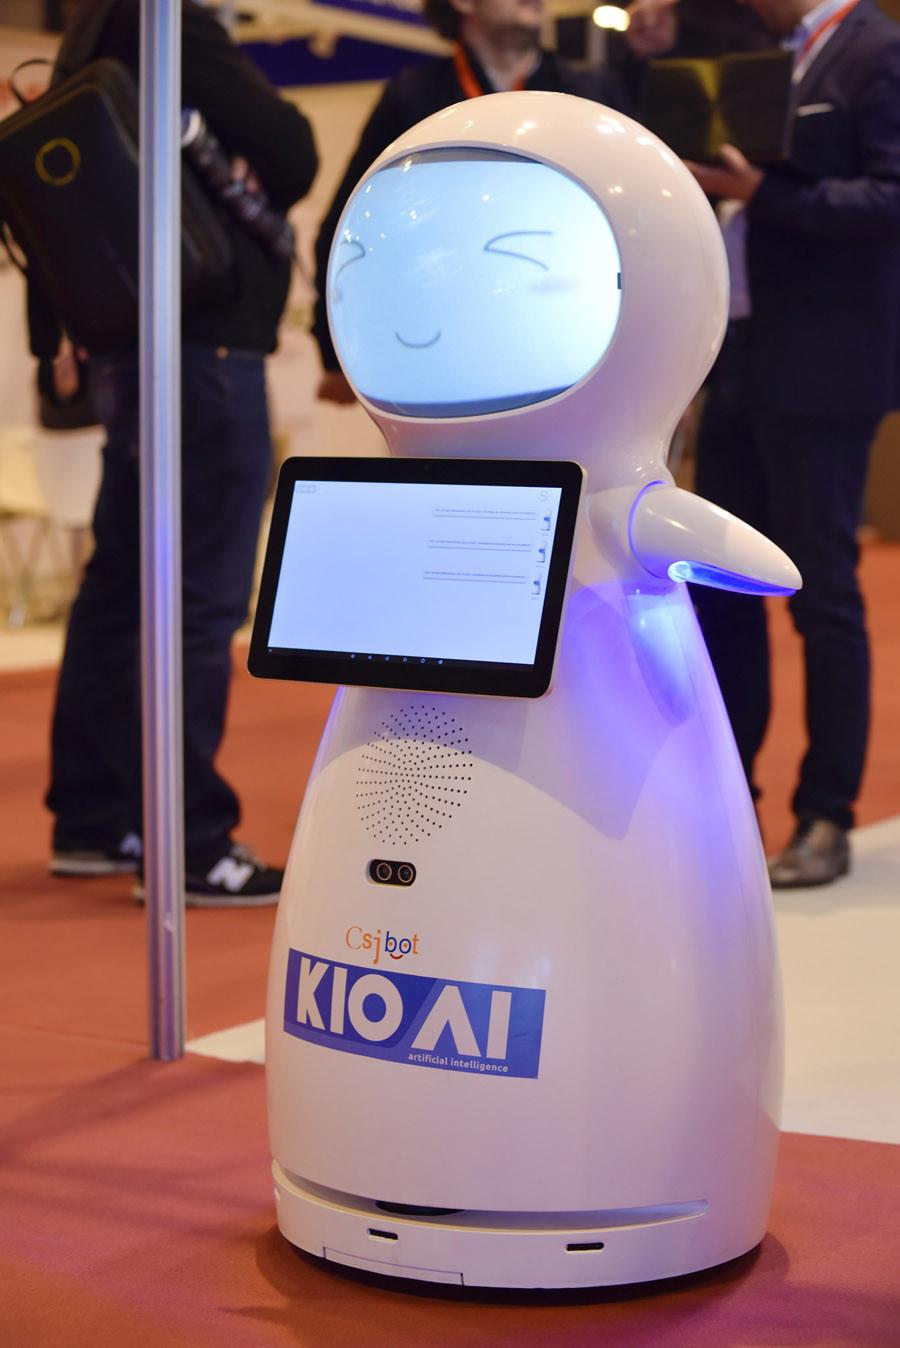 Robot KIO AI